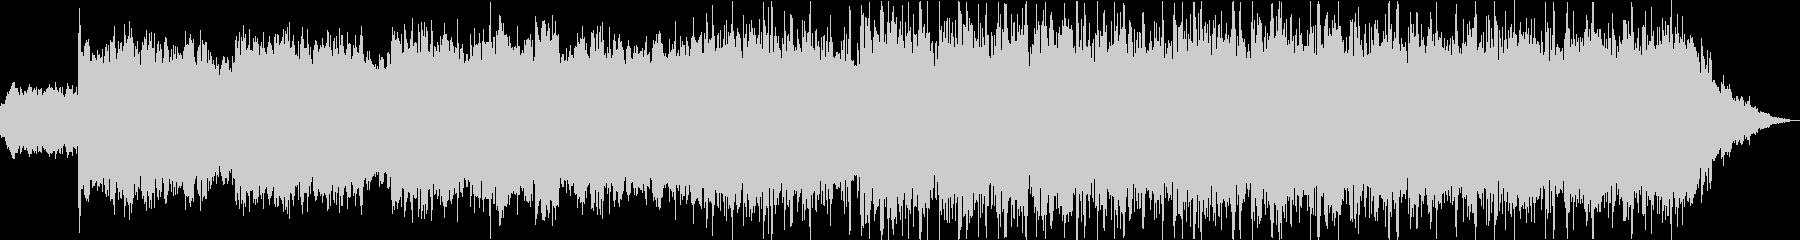 超常現象ミステリー音楽の未再生の波形